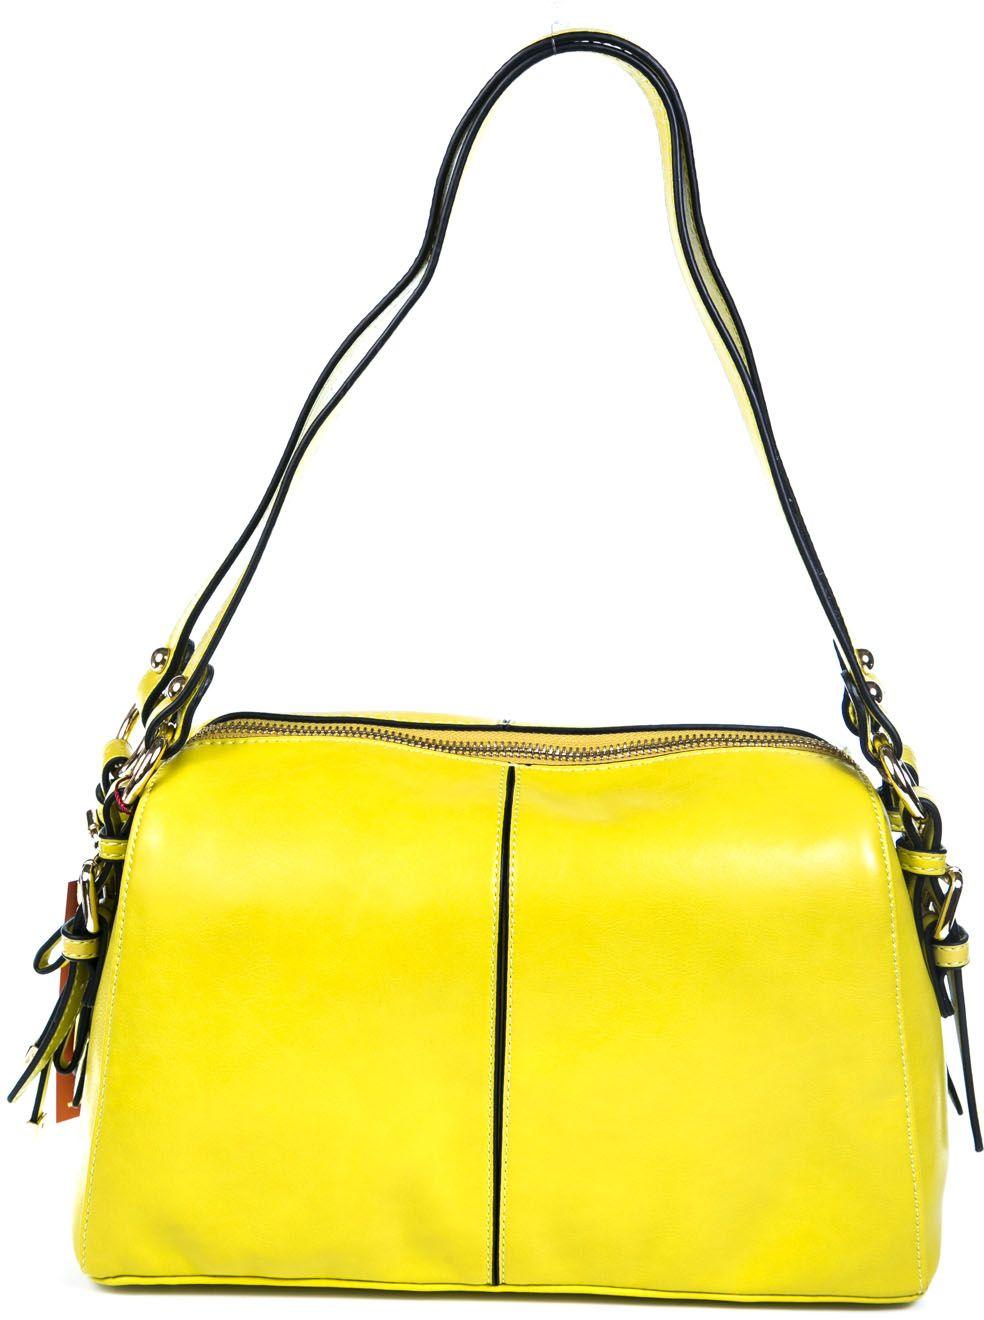 Сумка женская Milana, цвет: желтый. 161634-1-172EQW-M710DB-1A1Удобная женская сумка Milana изготовлена из искусственной кожи. Внутренняя подкладка выполнена из искусственного шелка. Сумка закрывается на застежку молнию. Внутри имеется одно основное отделение, которое оснащено двумя втачными карманами на молнии и двумя накладными открытыми кармашками. Модель оснащена ручками на запястье.Оригинальный аксессуар позволит вам завершить образ и быть неотразимой.